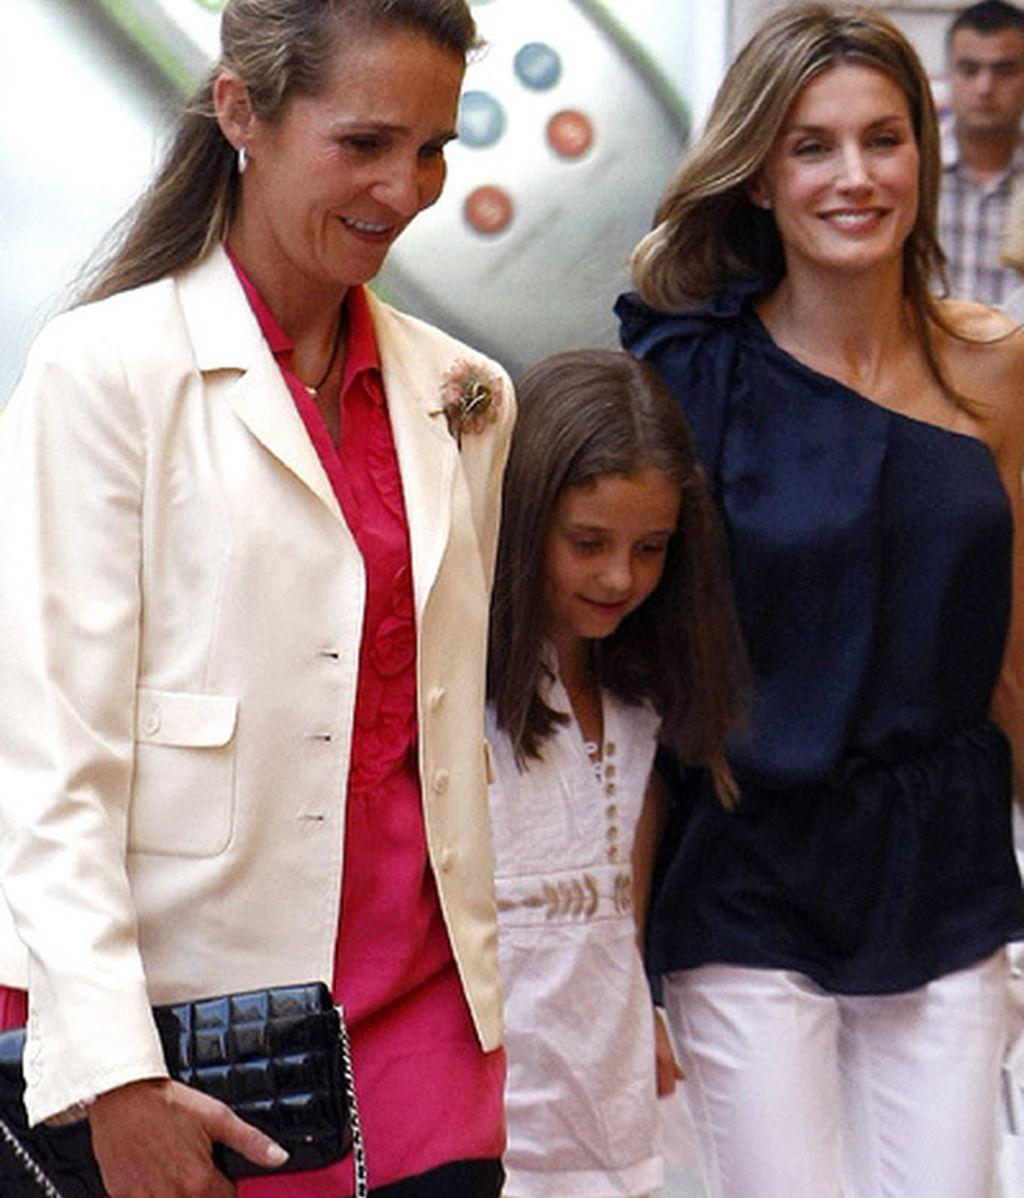 La infanta Elena y su hija Victoria junto a la Princesa de Asturias de camino al teatro en una imgen de archivo